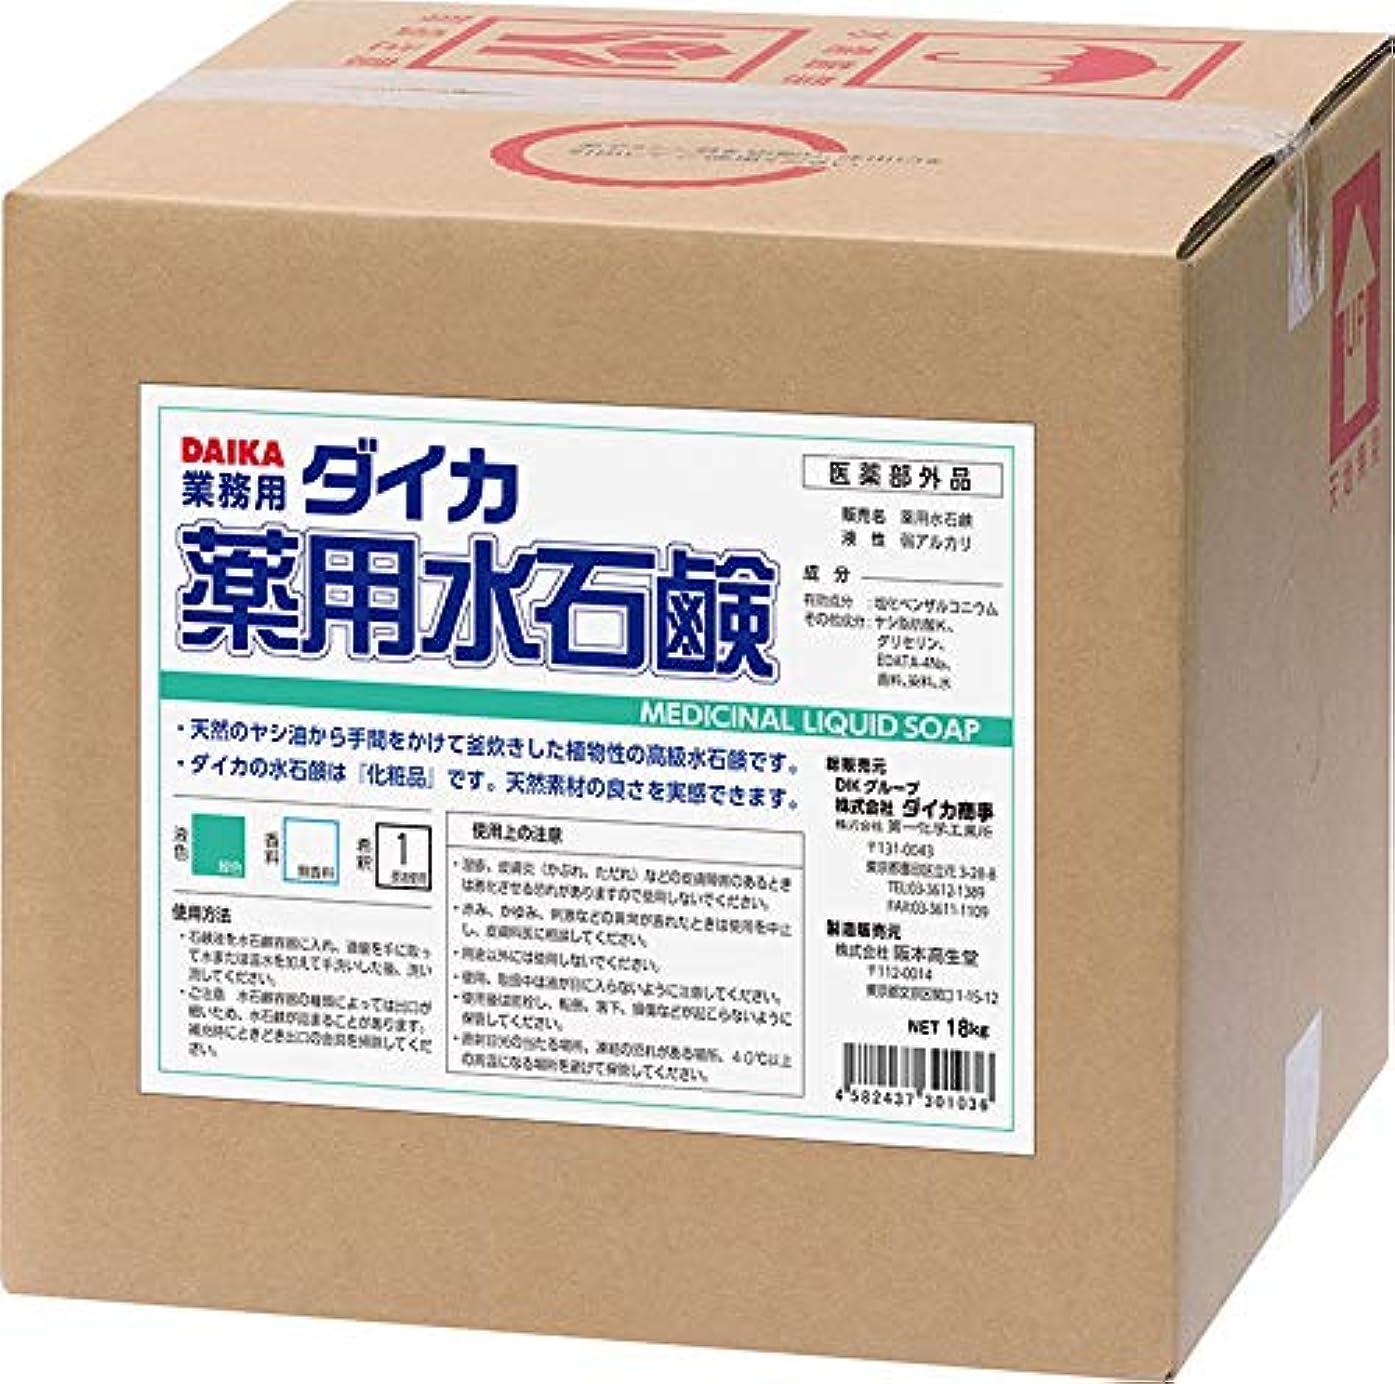 タイヤ帆マイナー【医薬部外品】業務用 ハンドソープ ダイカ 薬用 水石鹸 MGN 18kg